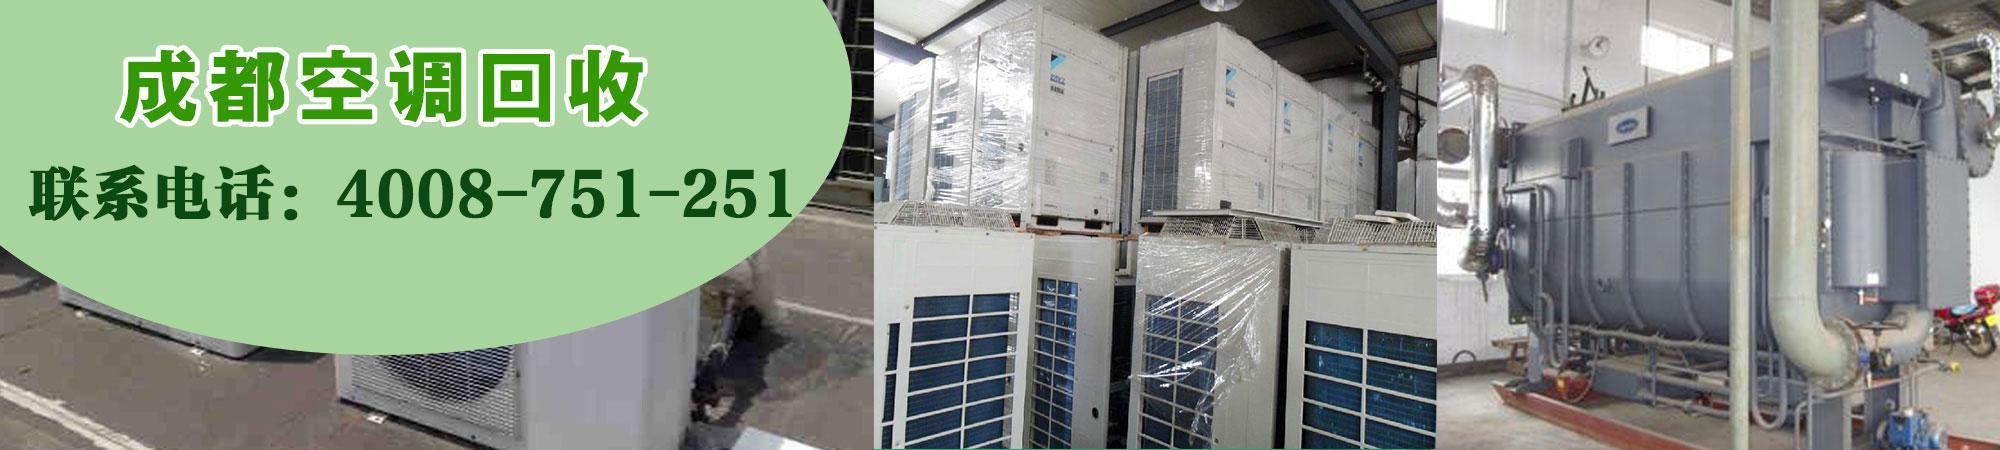 中央空调回收、制冷设备回收